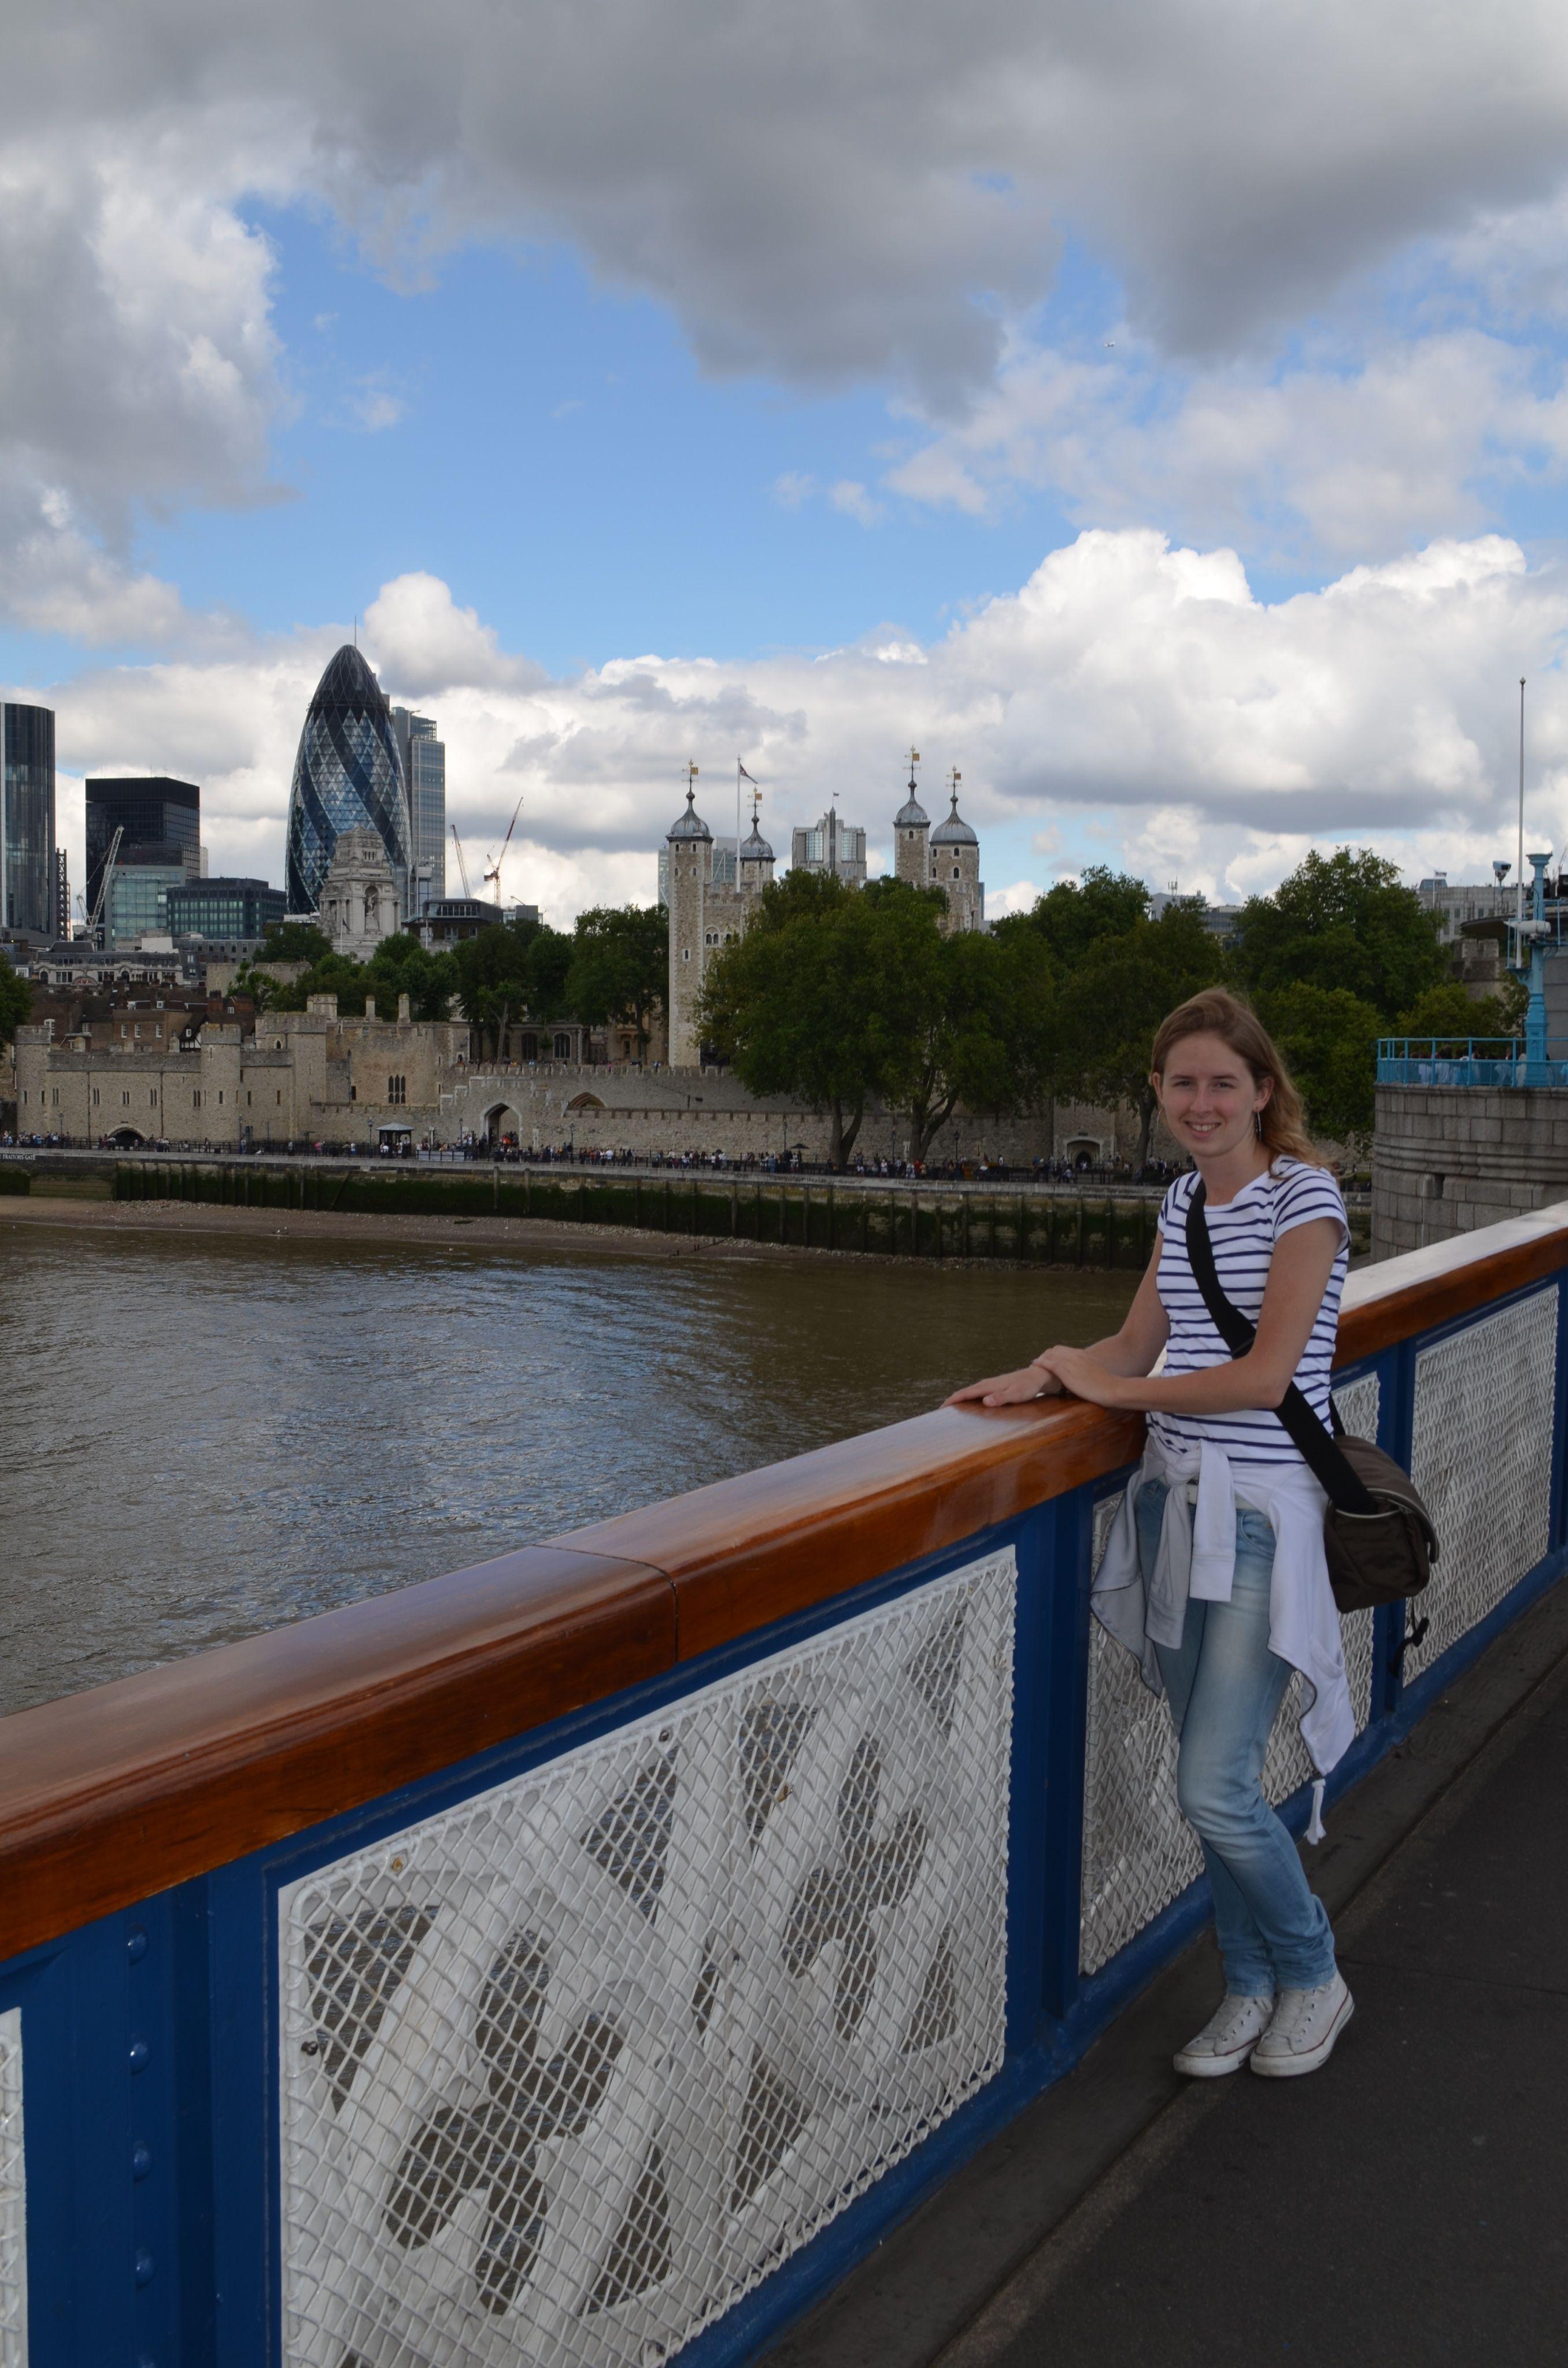 Ik was in Londen, het bewijs!